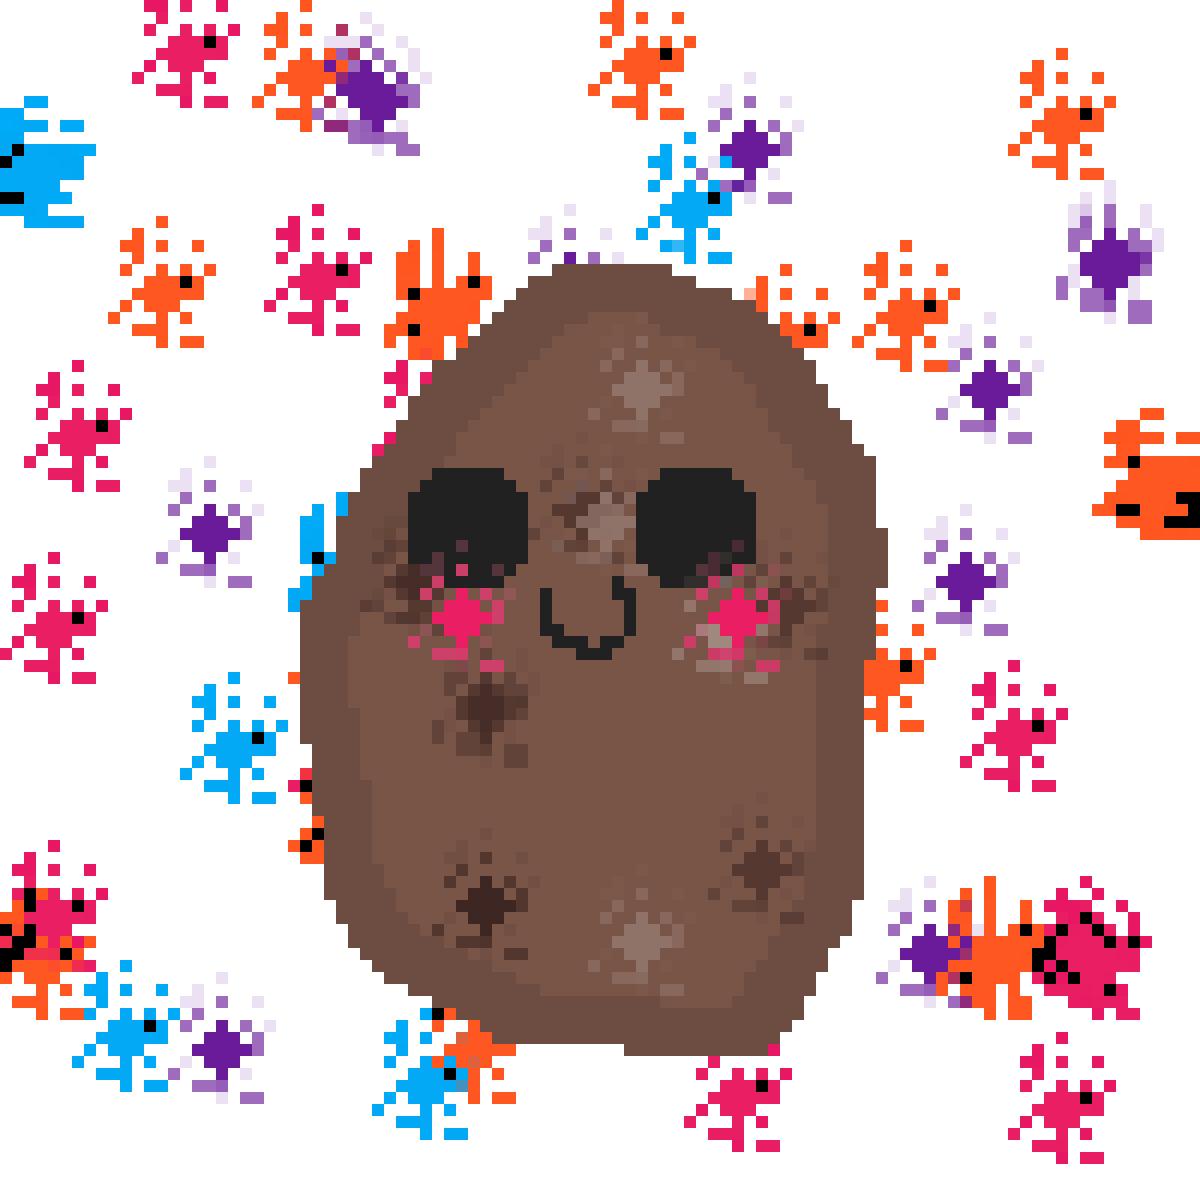 Smol potato! by SilentMoons